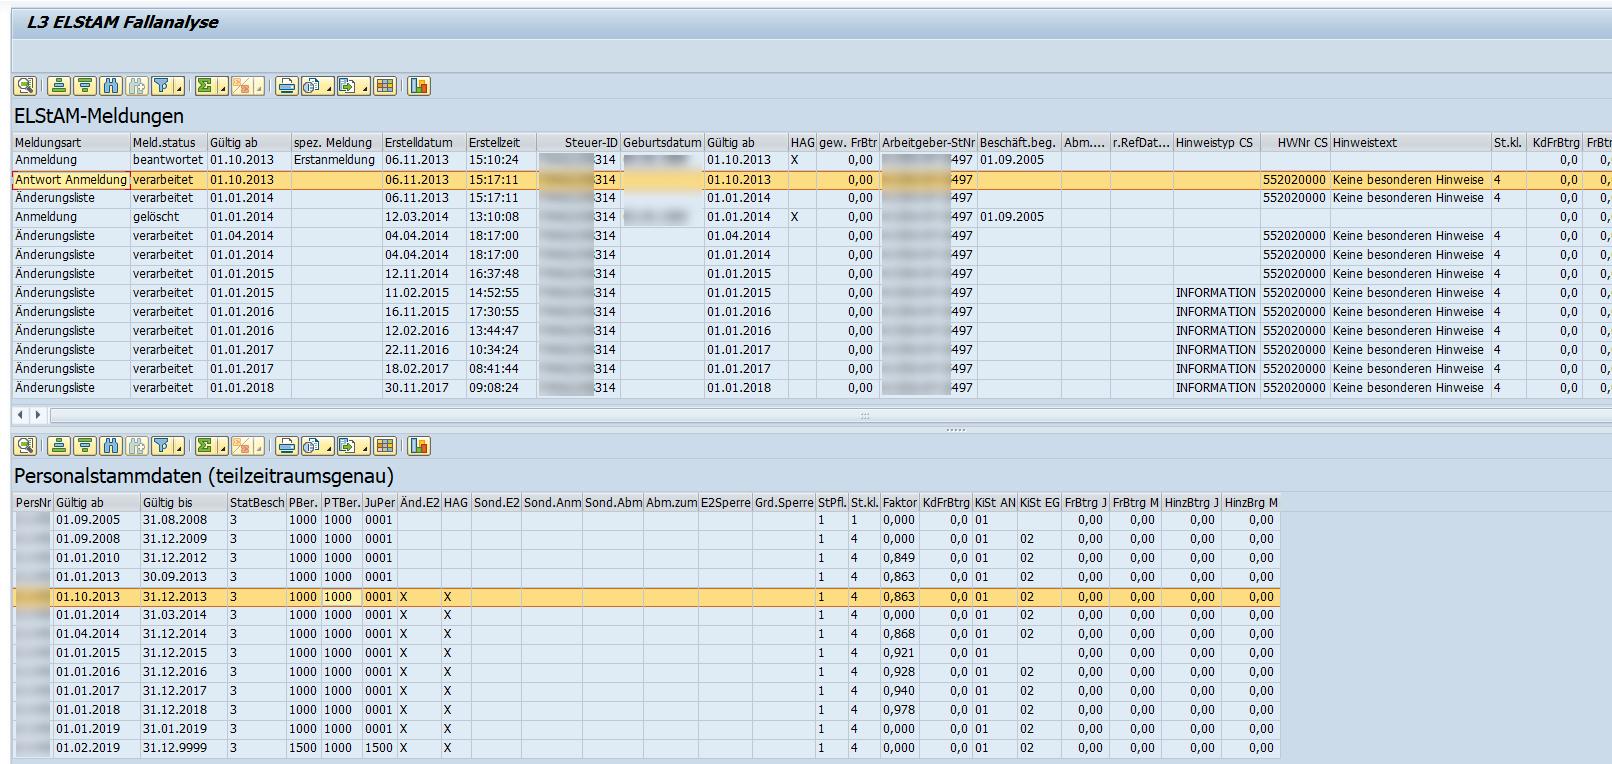 L3 ELStAM Fallanalyse: Schneller Überblick über Meldungen und Stammdaten